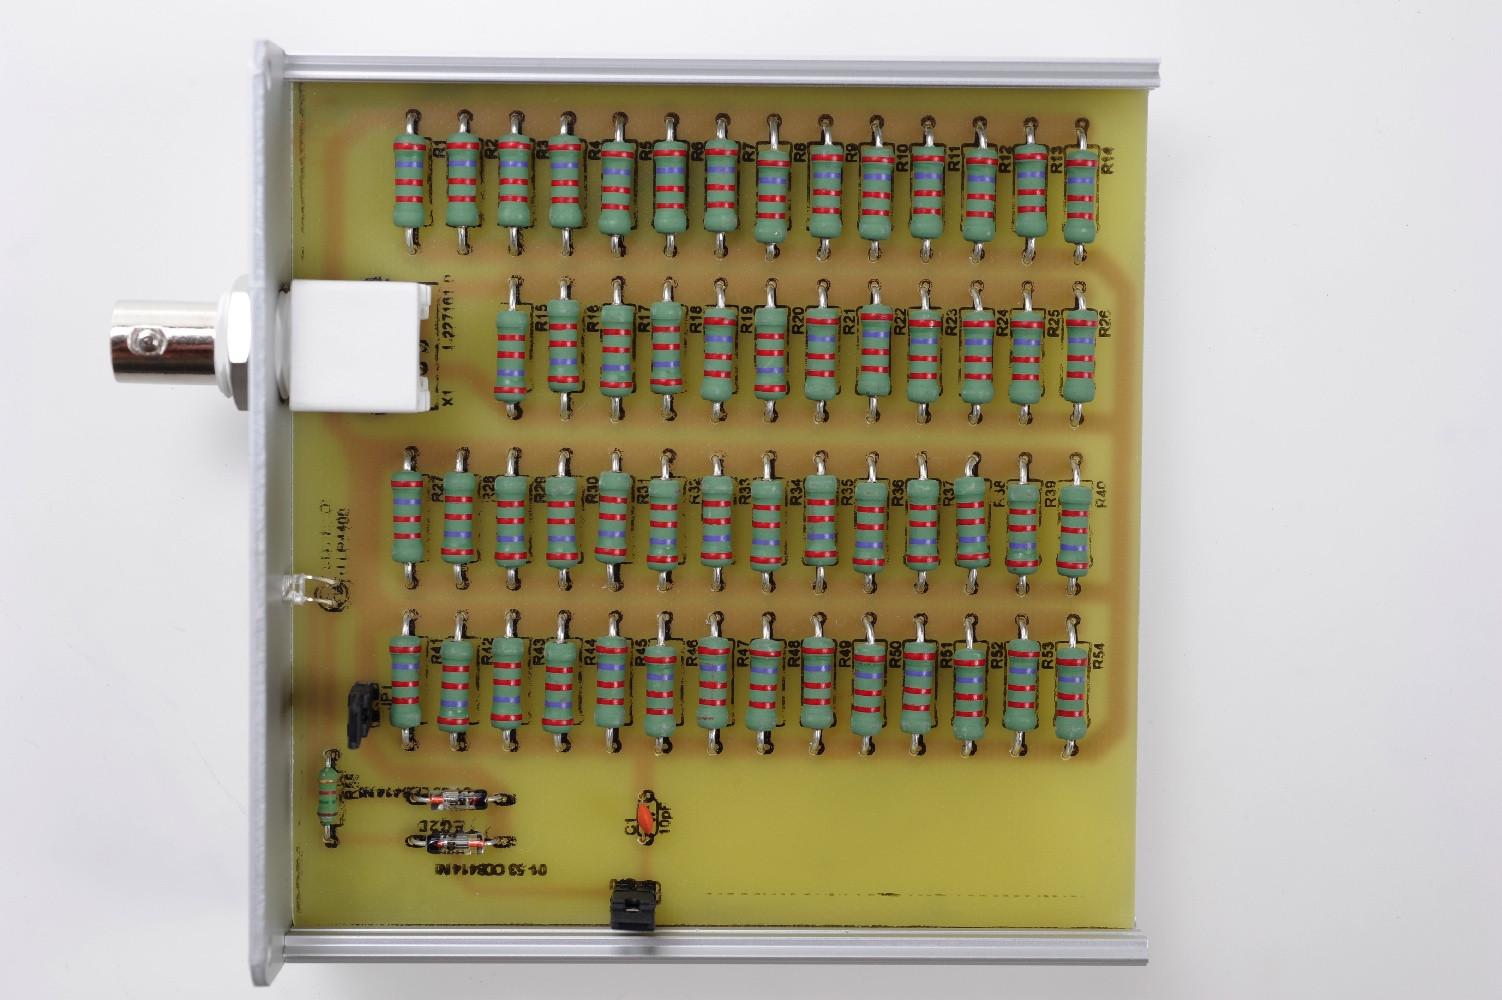 DummyLoad 100 Watt - board